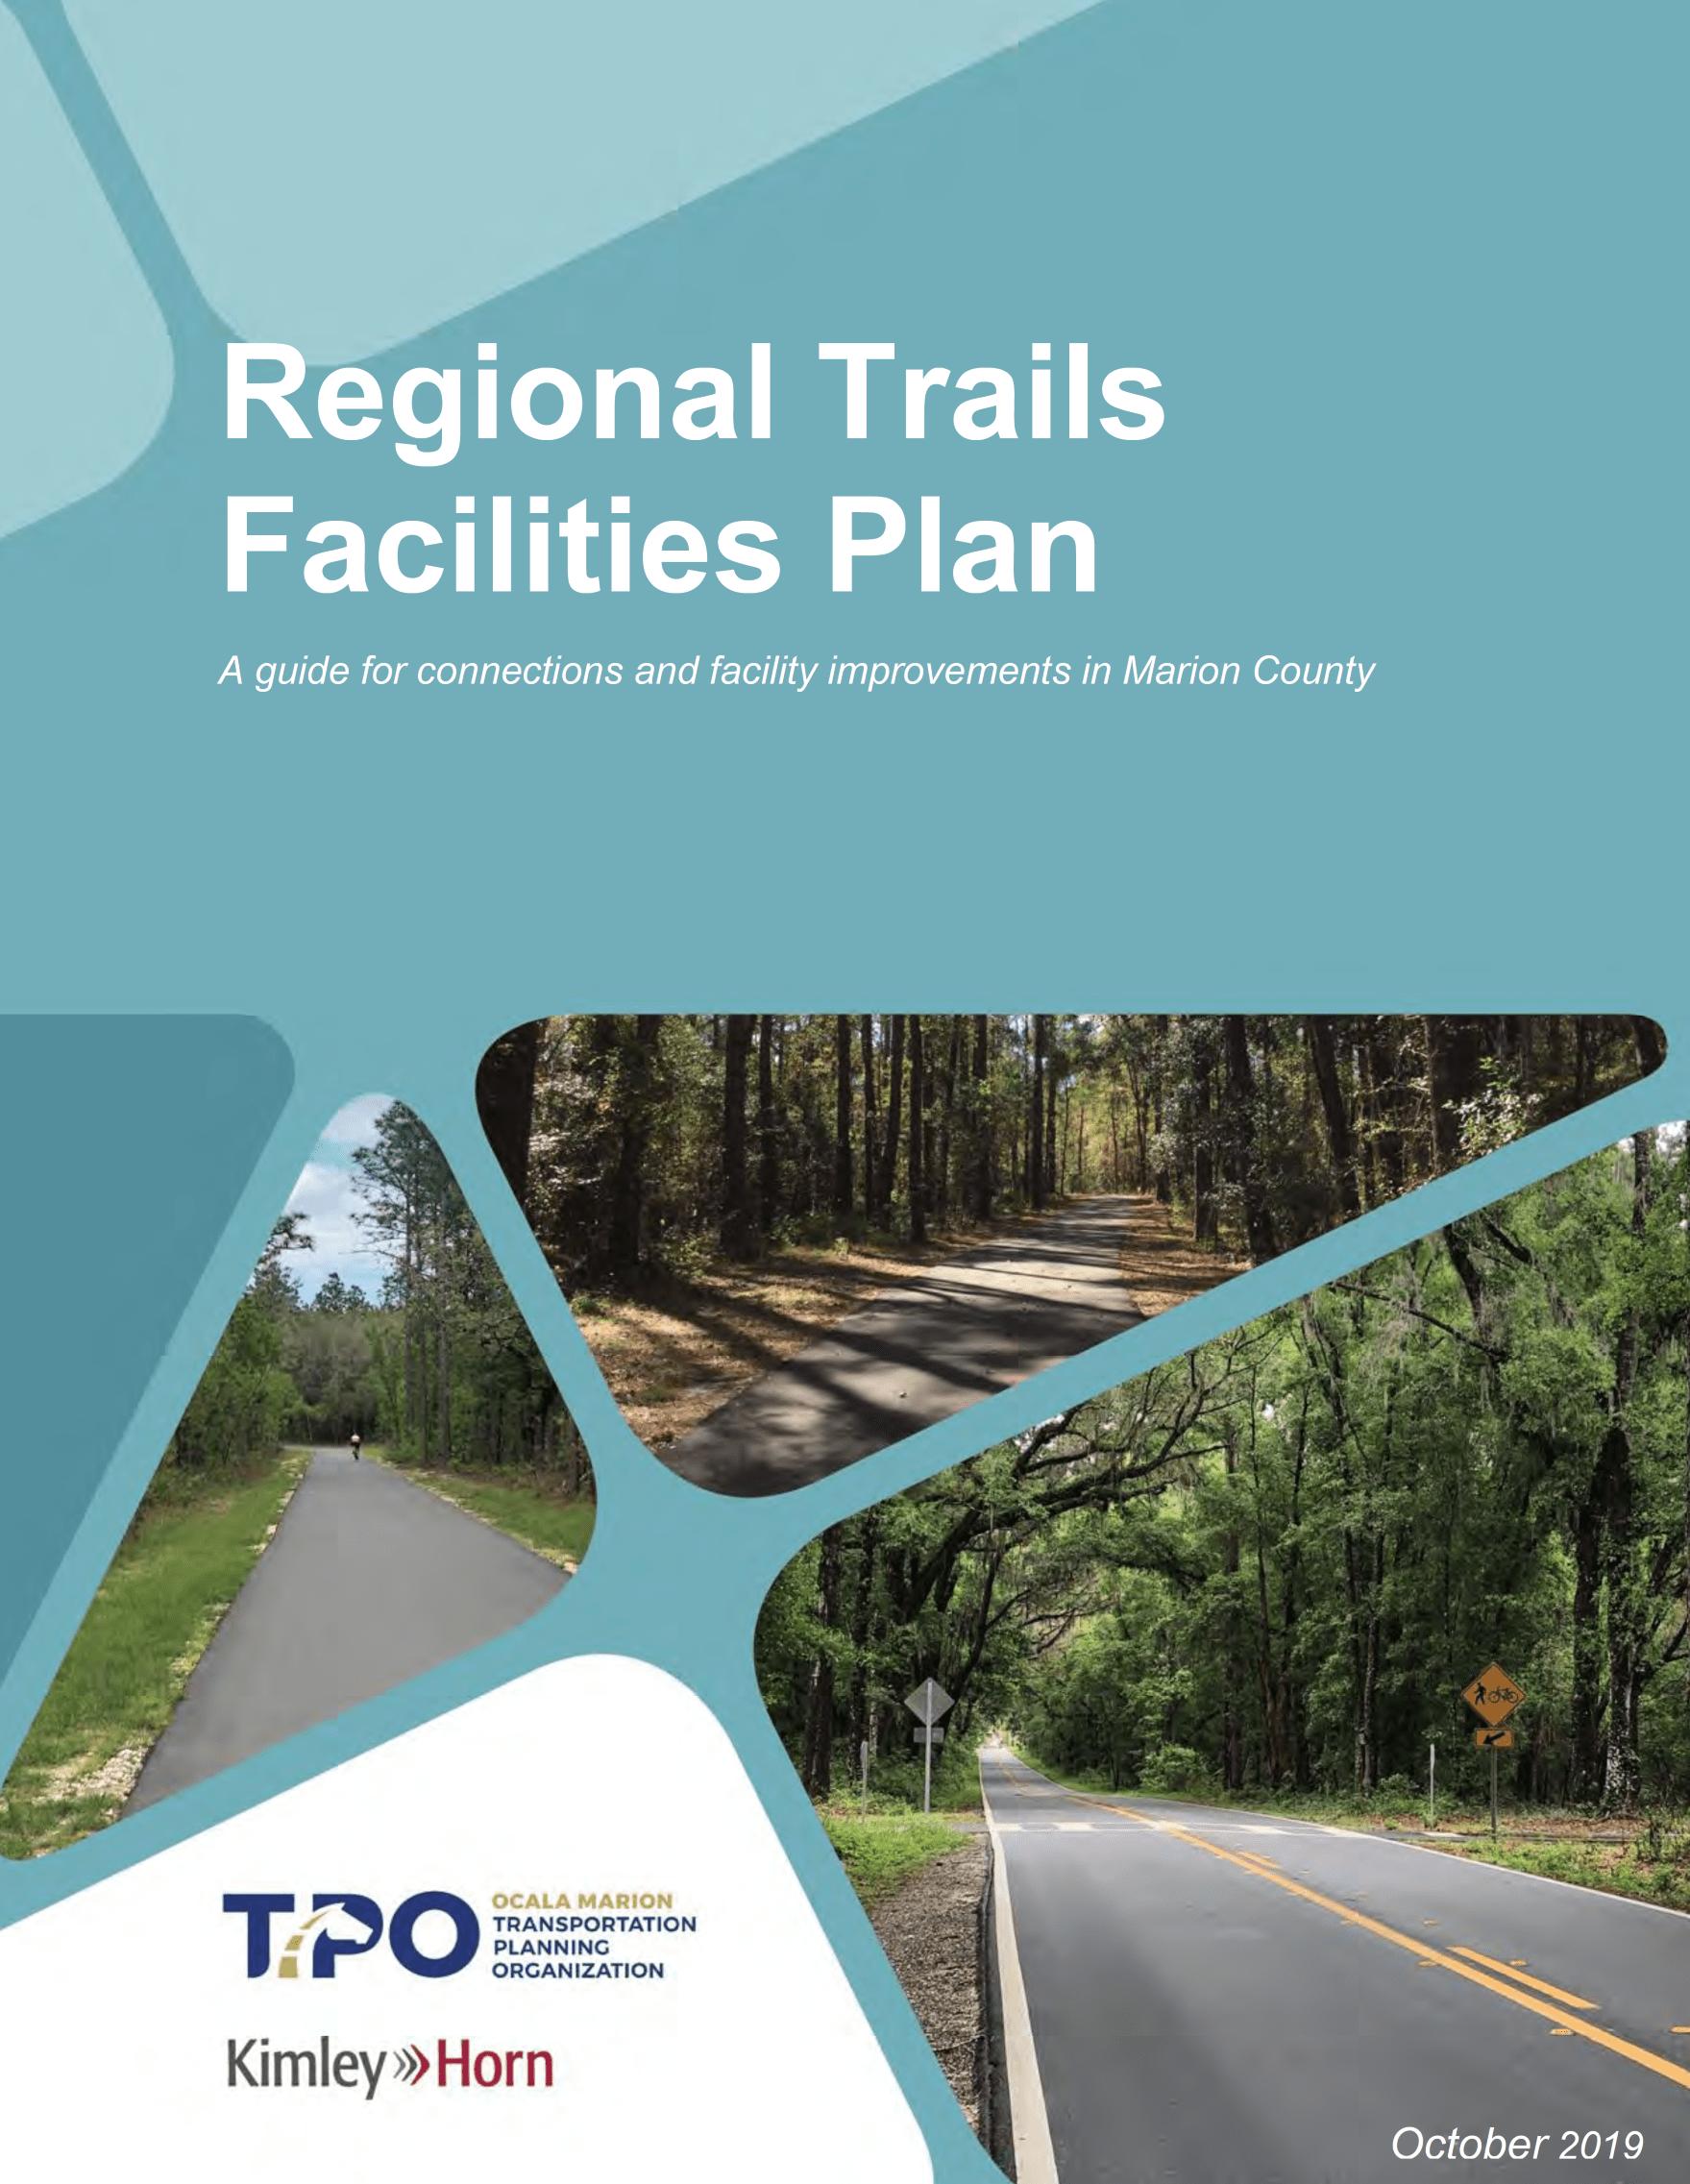 Regional Trails Facility Plan